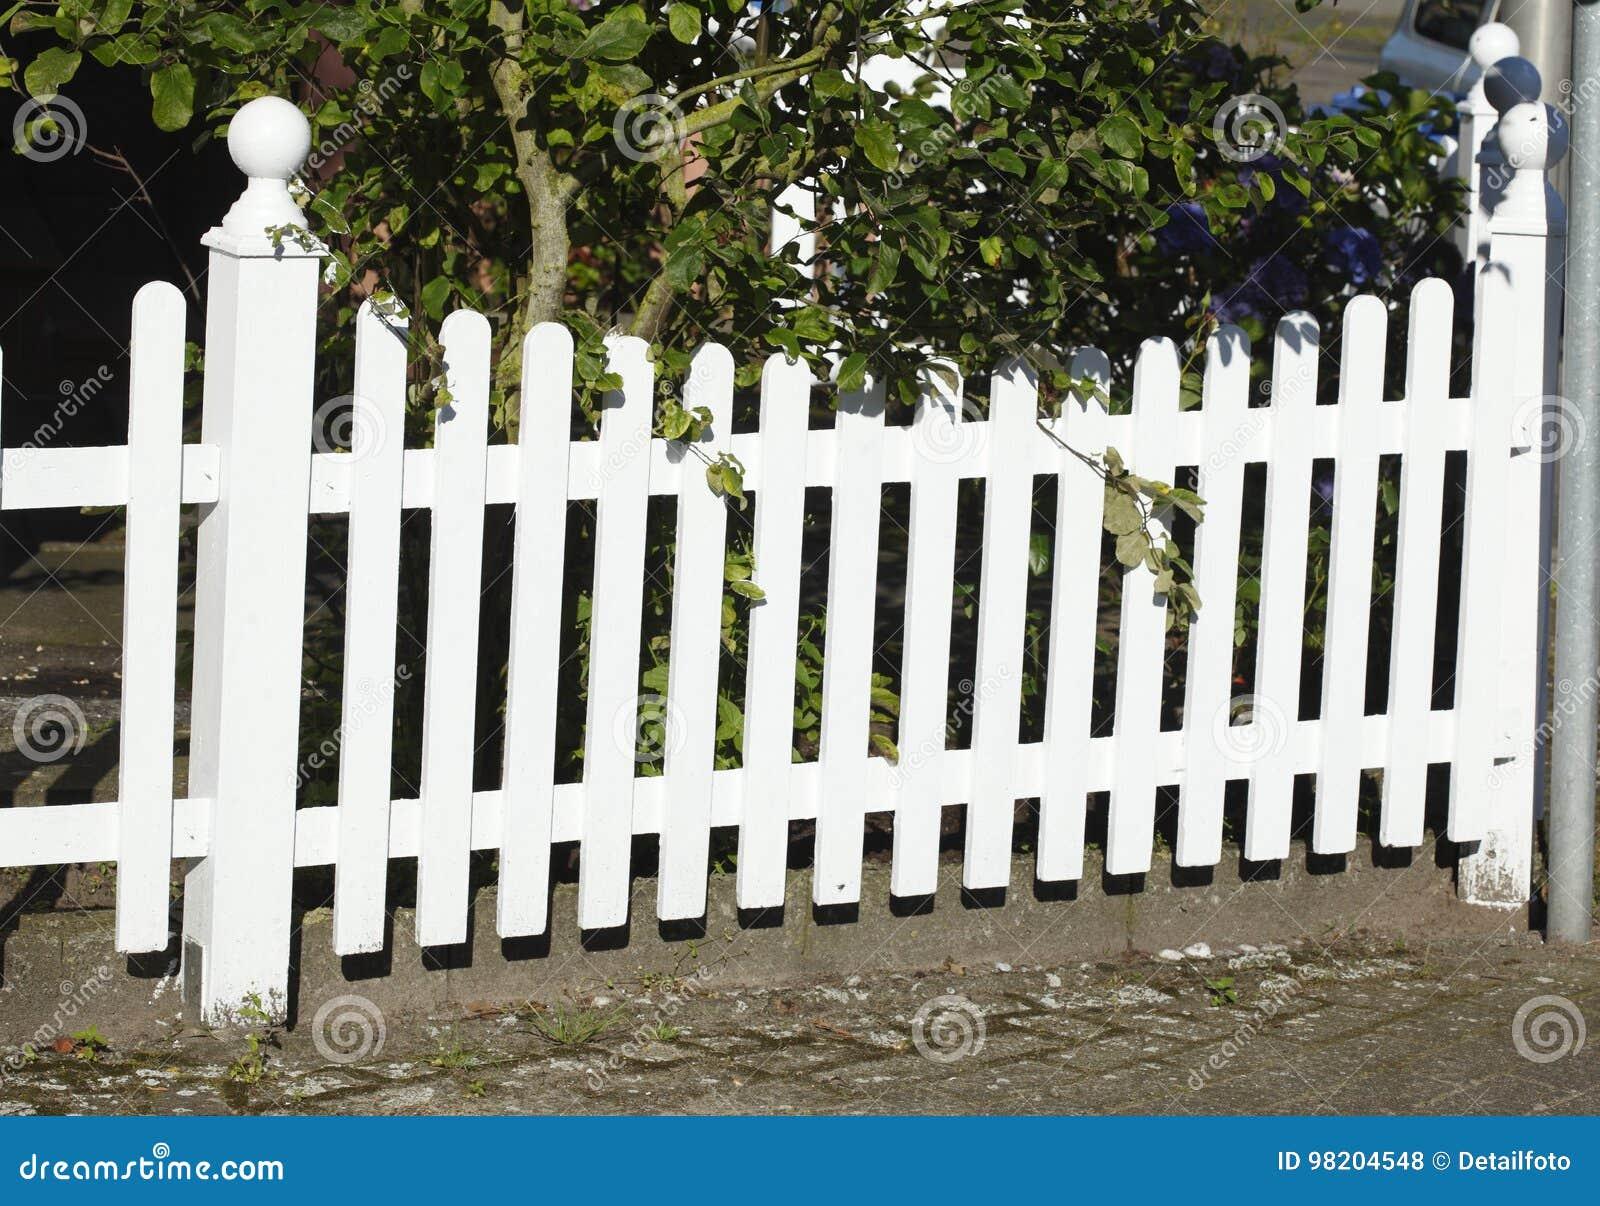 Staccionata Bianca In Legno recinto di legno bianco del giardino fotografia stock